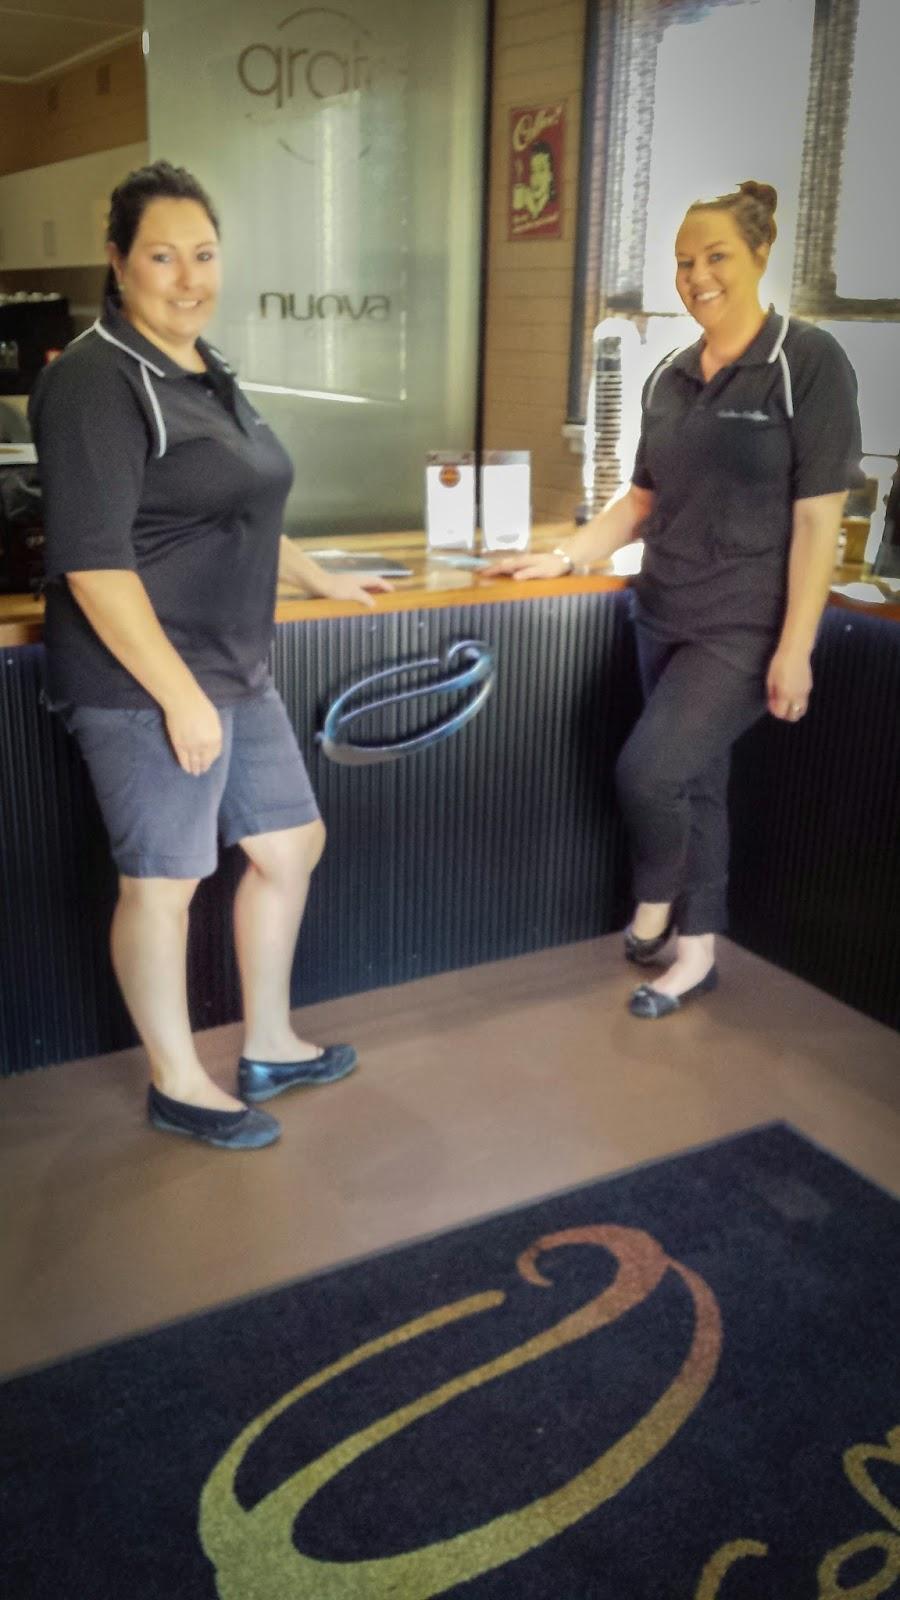 Customer Service Grata Espresso